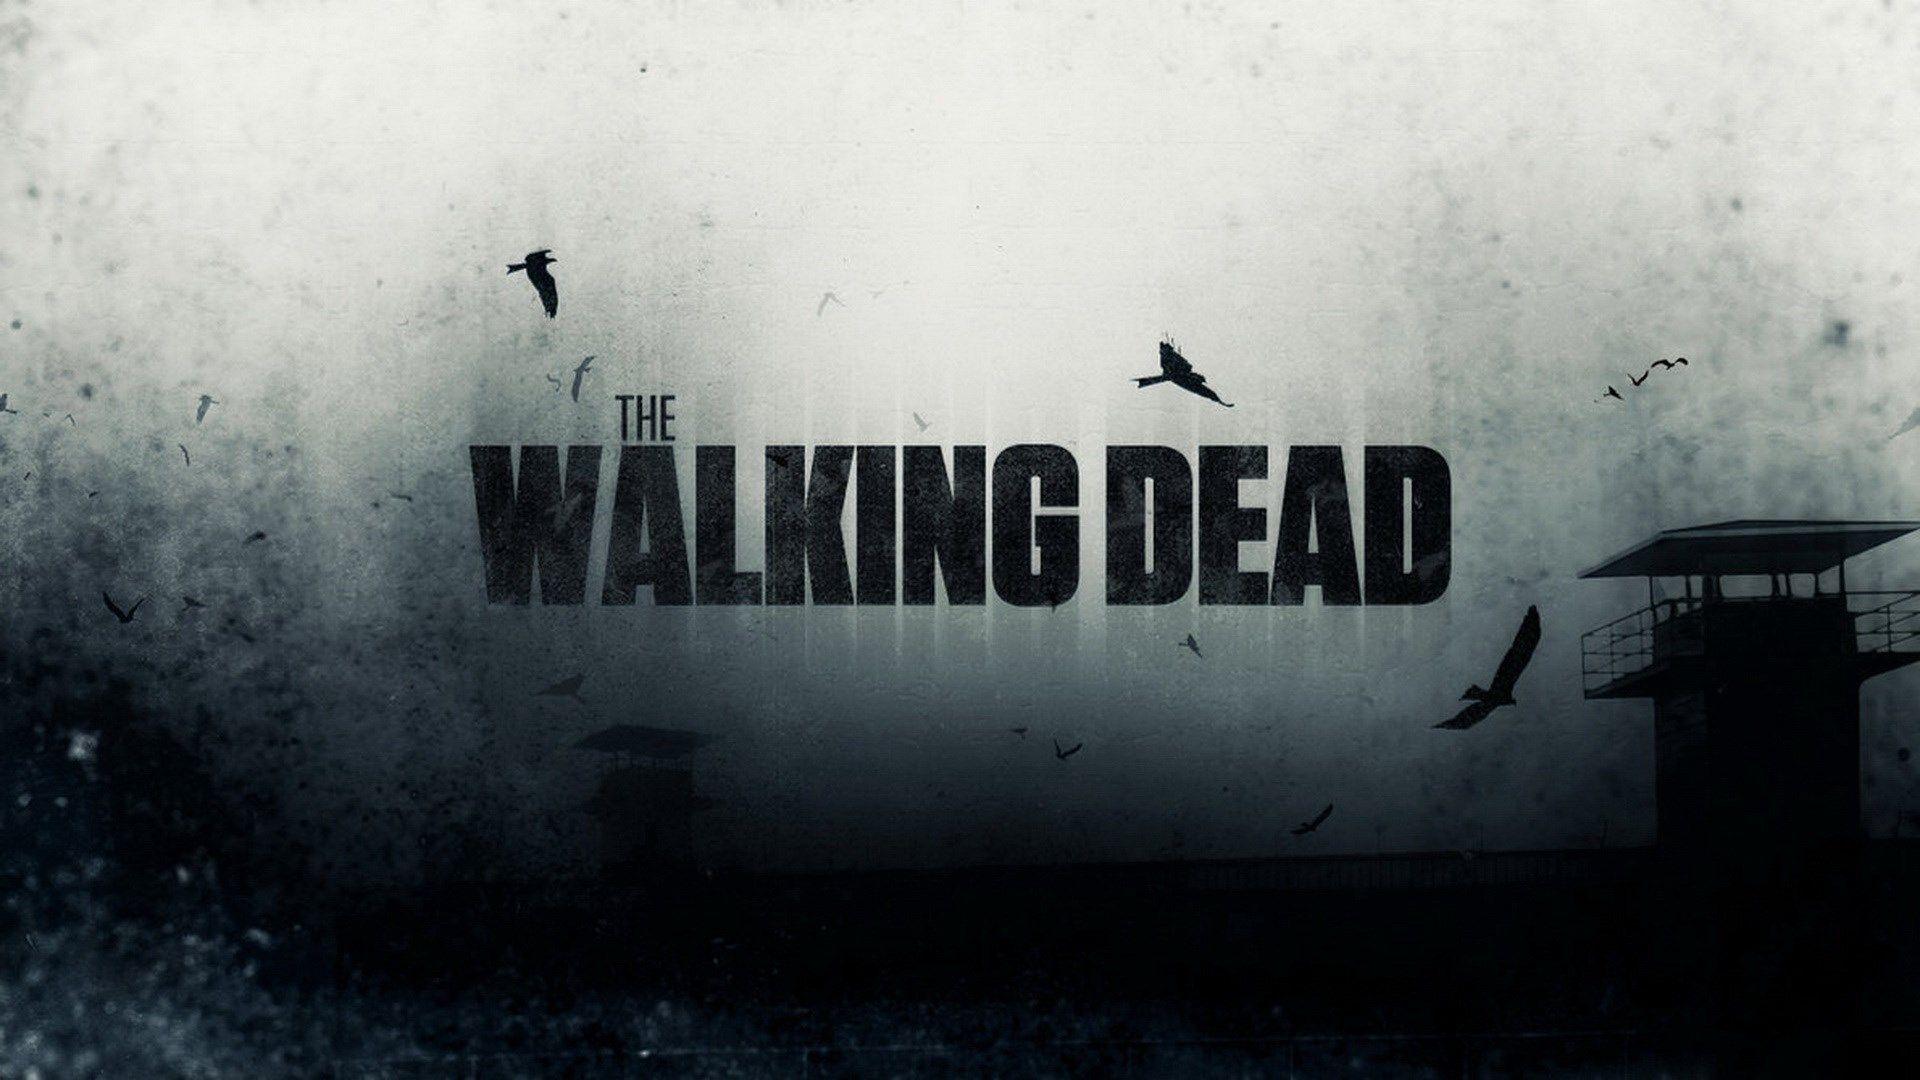 The Walking Dead Season 6 Wallpapers Walking Dead Wallpaper The